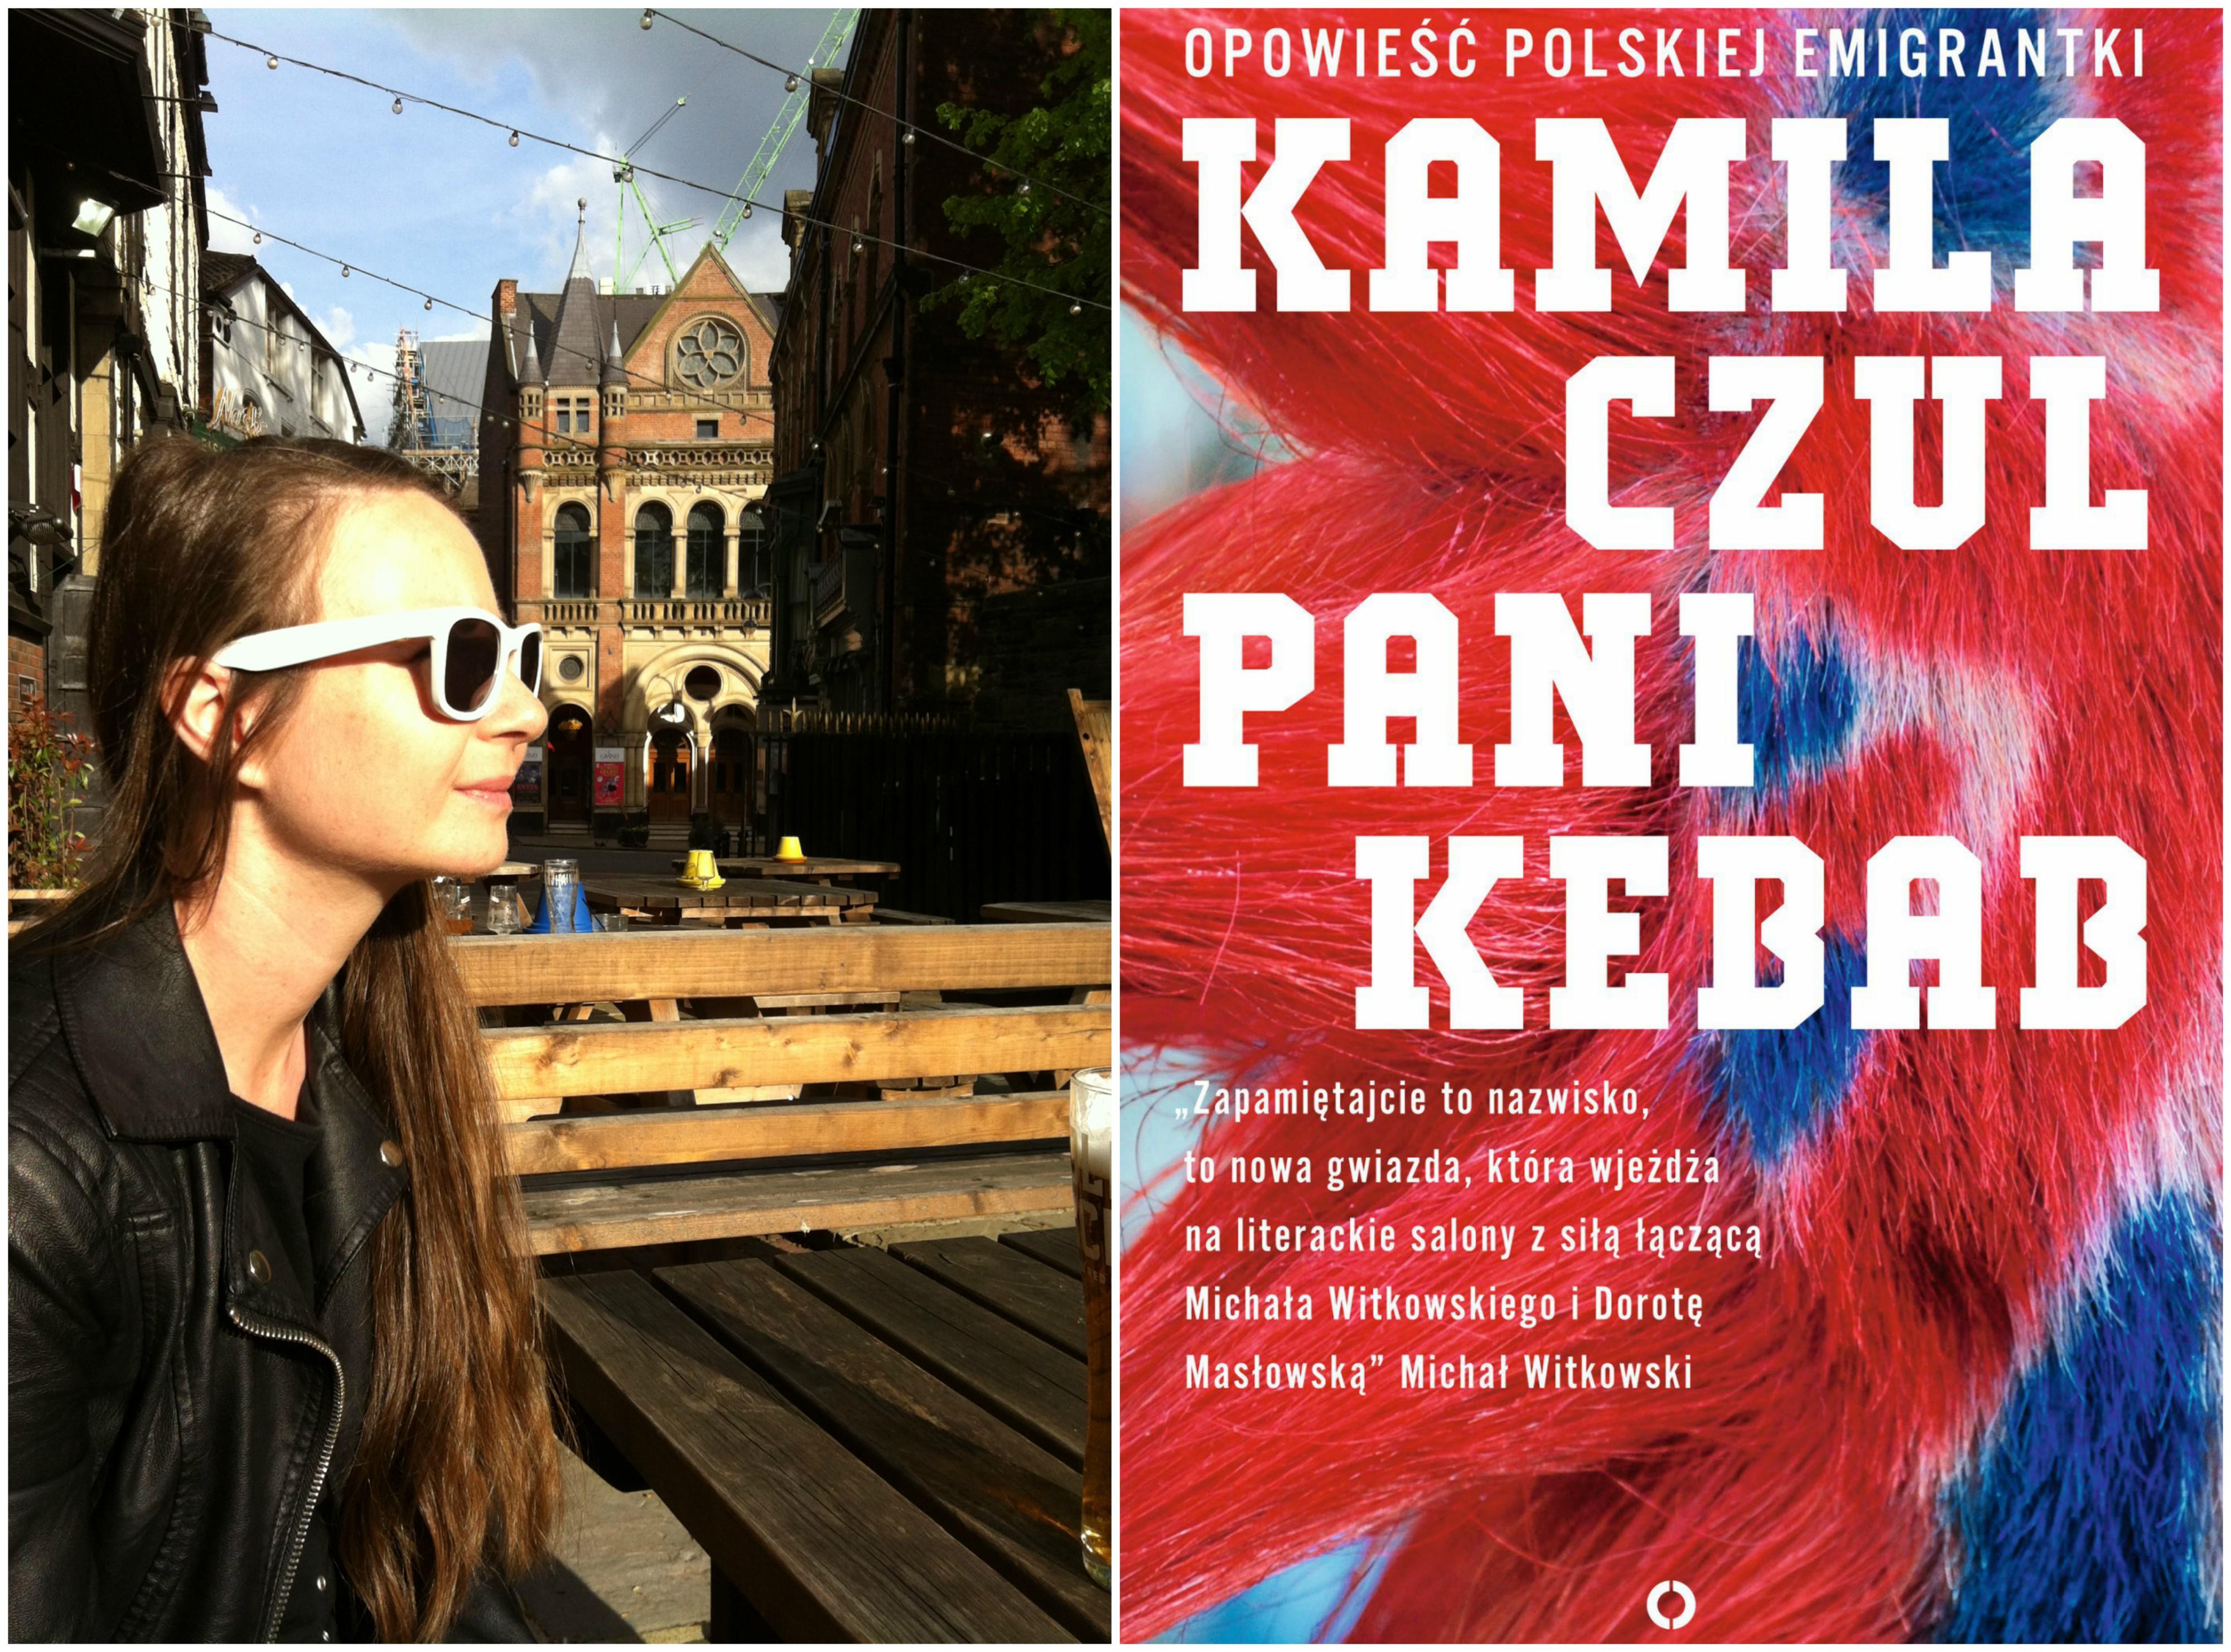 Książka Kamili Czul 'Pani Kebab' ukazała się nakładem Wydawnictwa Czerwone i Czarne (fot. materiały prasowe)